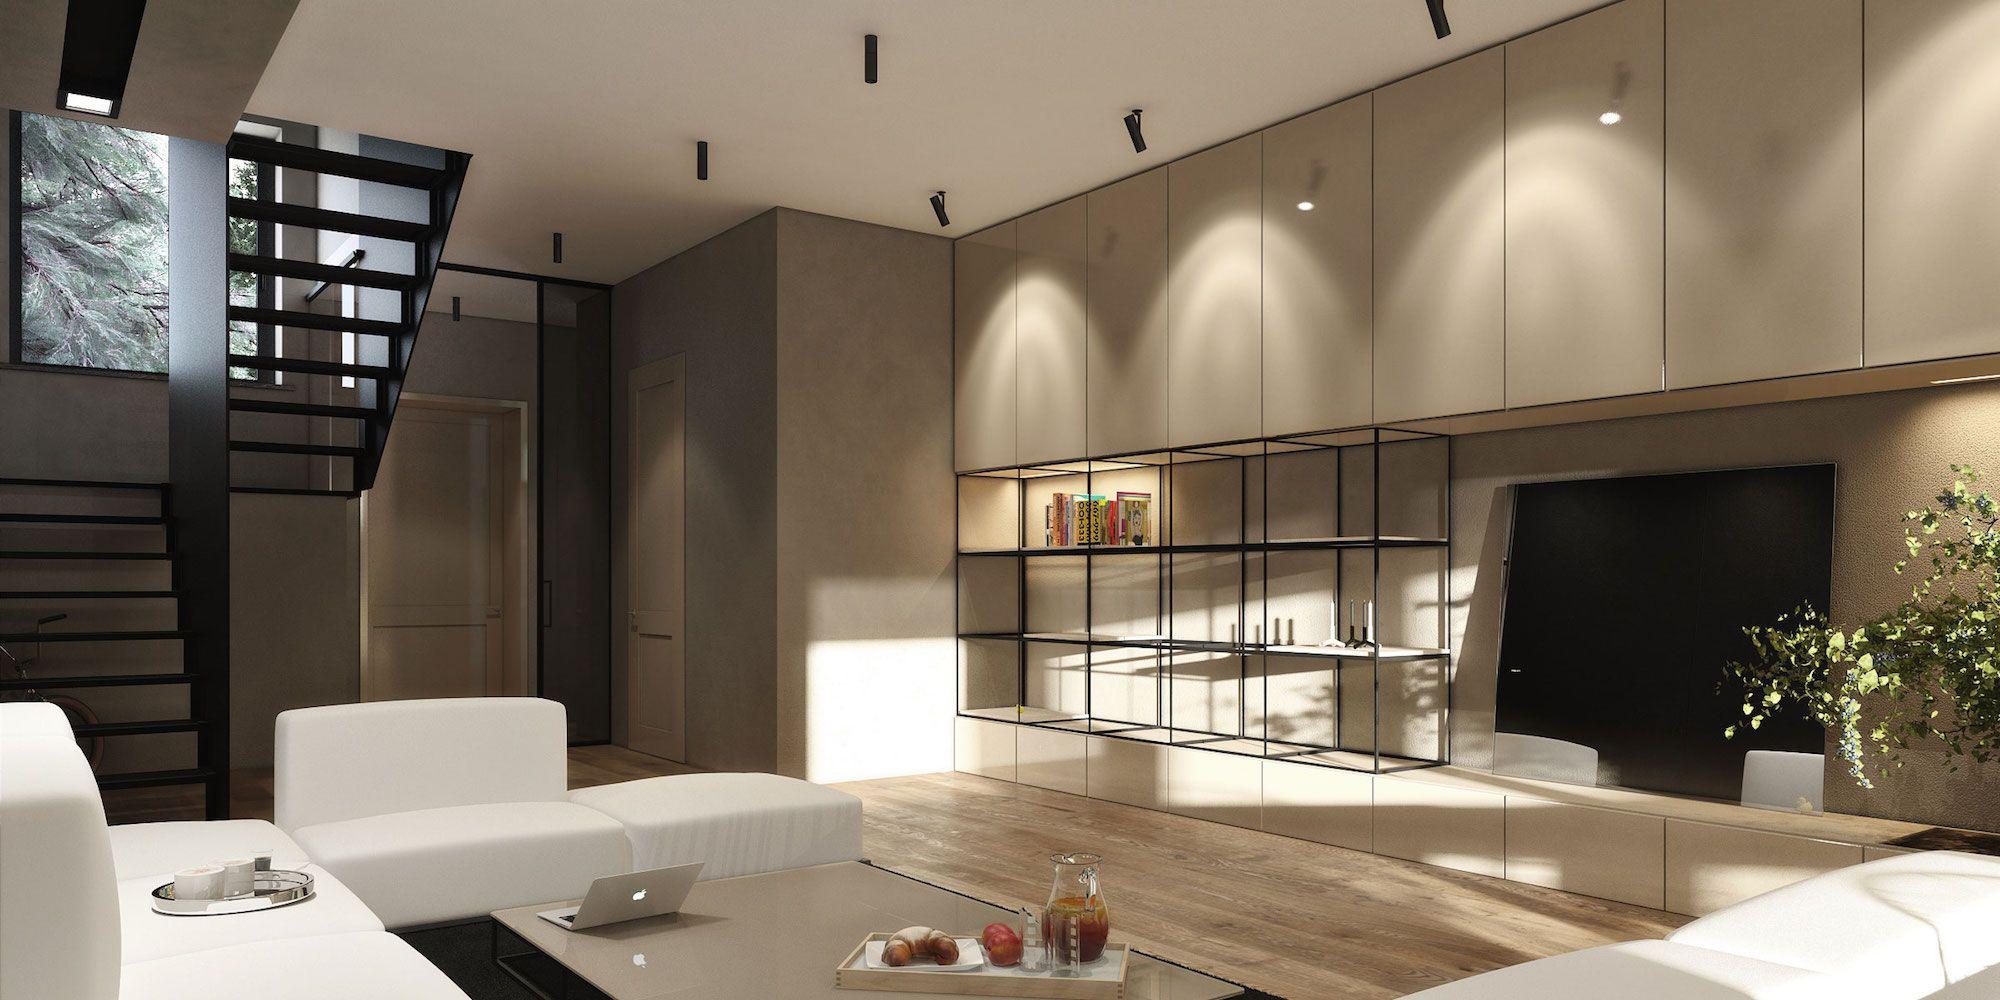 Stadthaus von Igor Sirotov Architect Visualisierte Wohnzimmer 3 ...